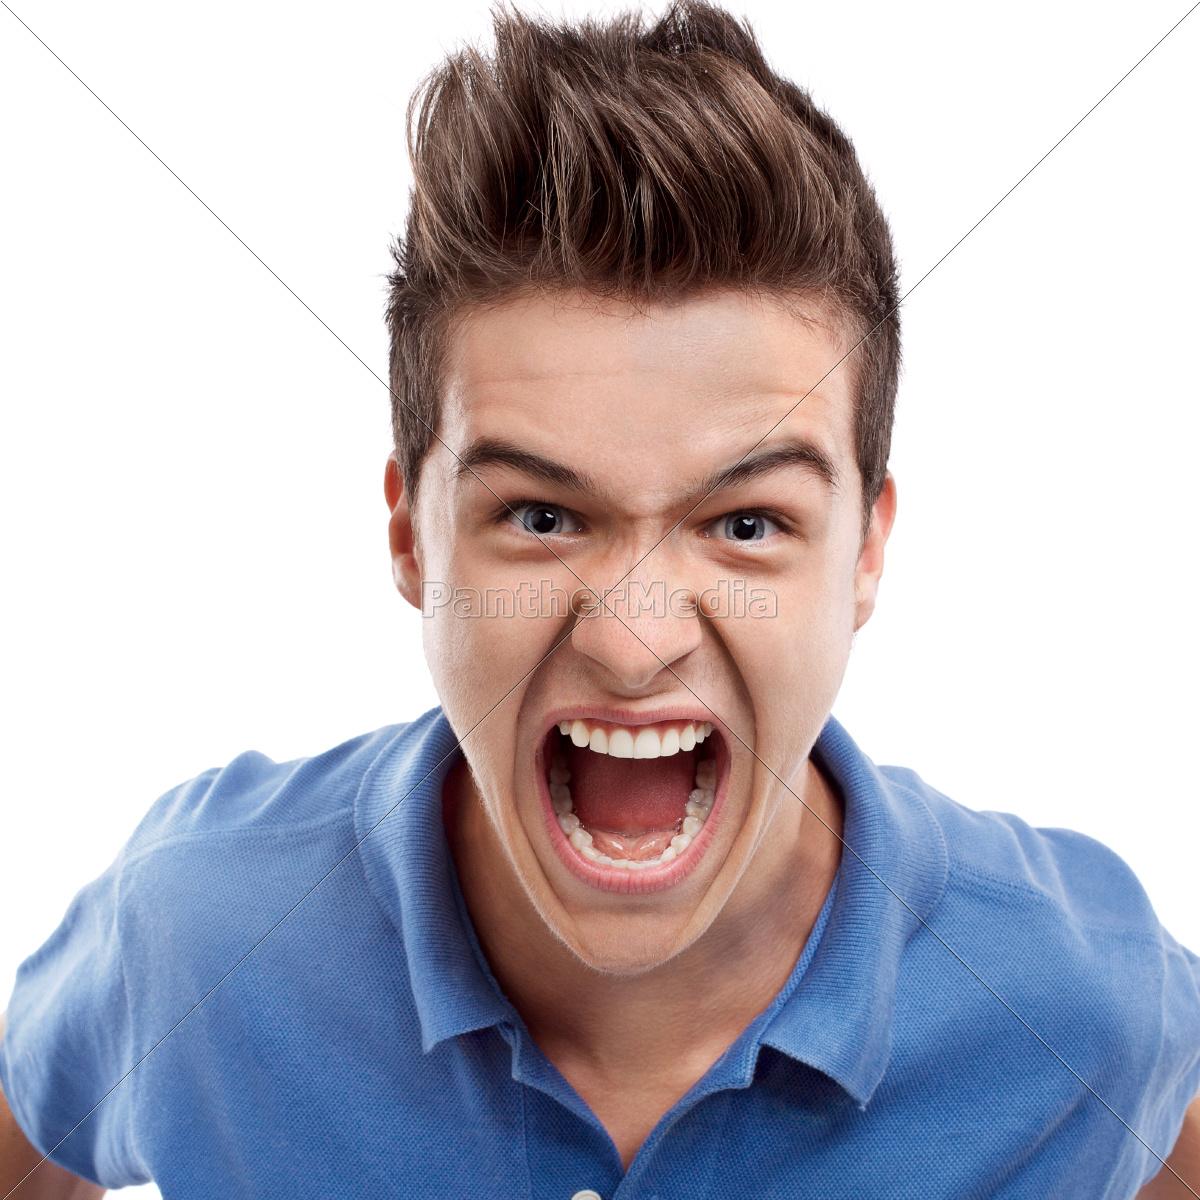 homem, irritado, gritando - 10311713